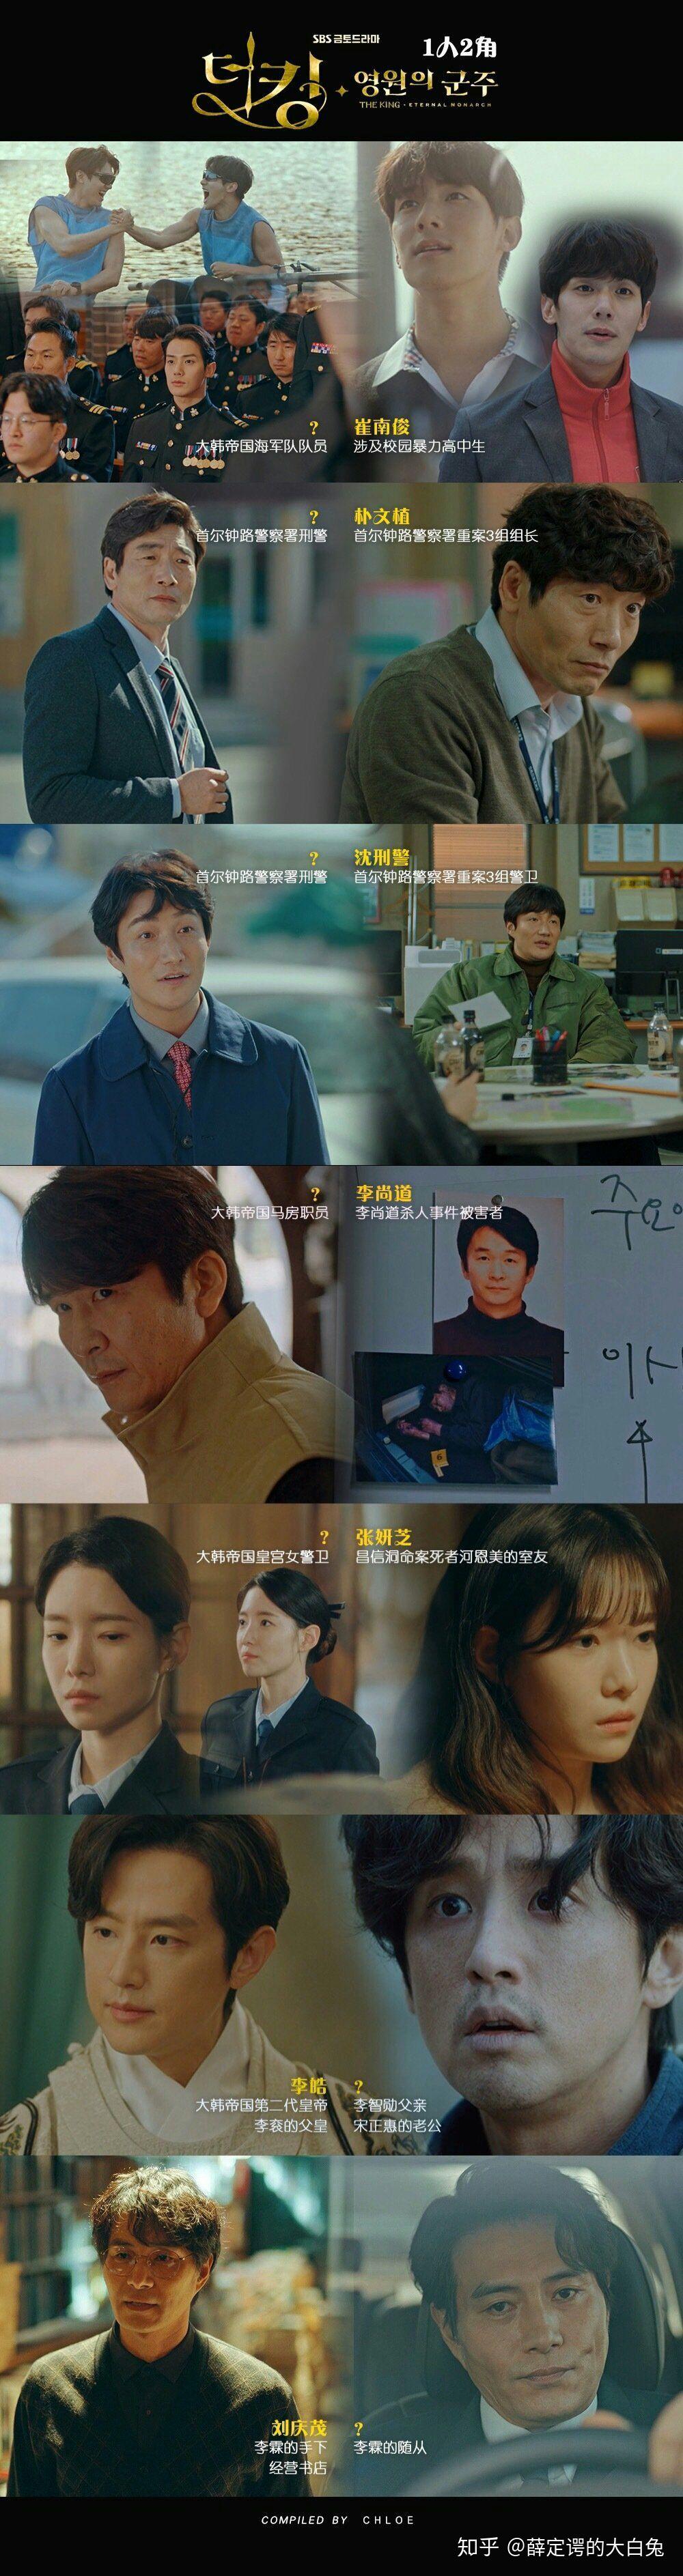 总理和我韩剧_有没有人来分析一下韩剧《国王:永远的君主》的剧情? - 知乎